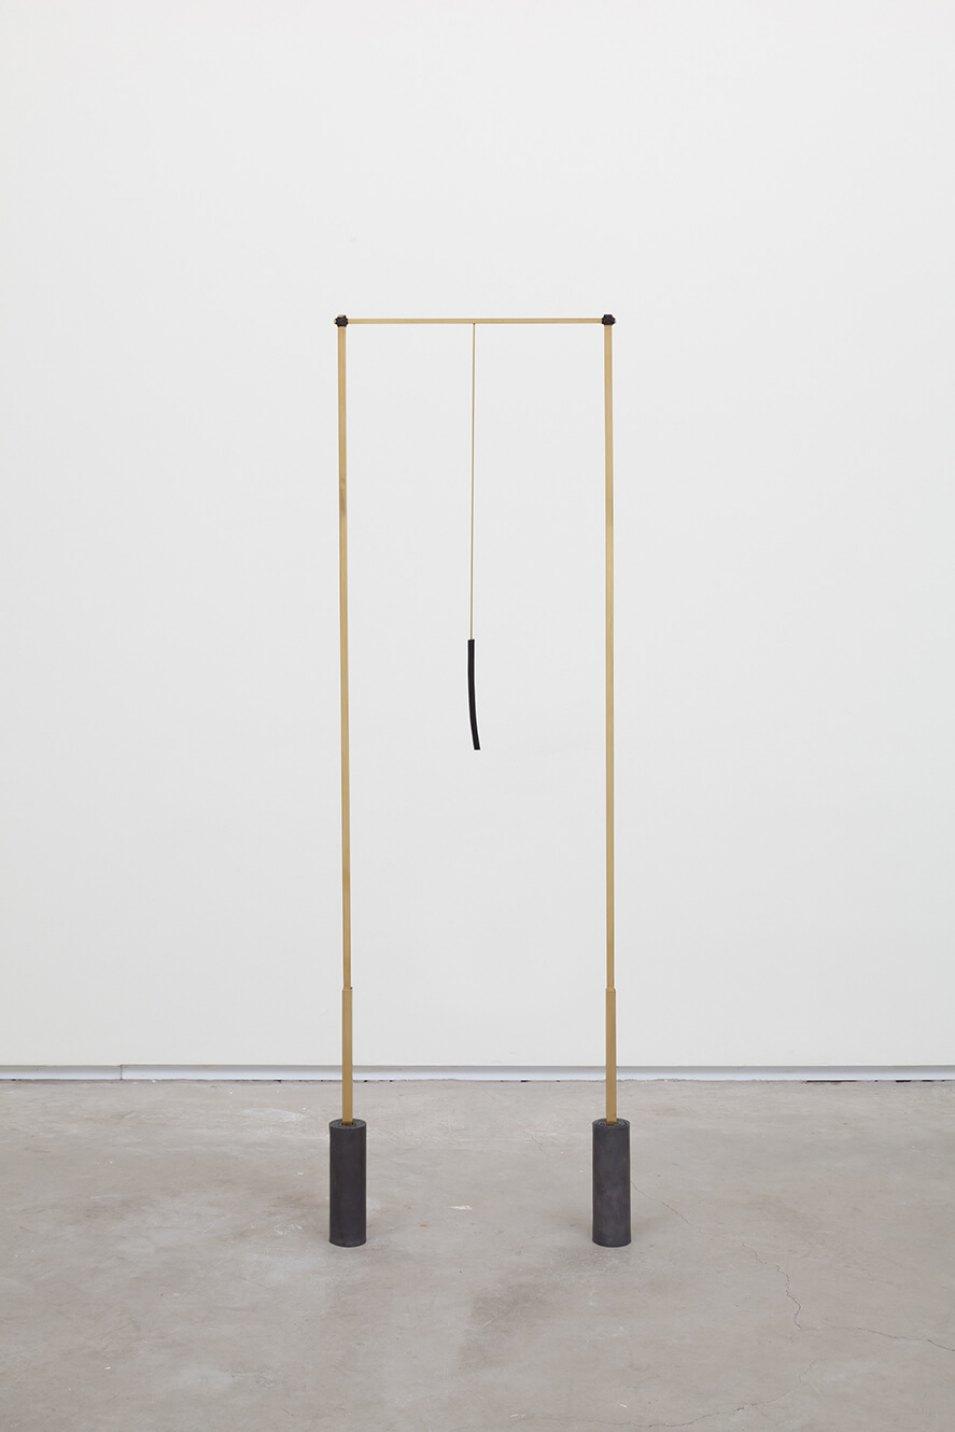 Paloma Bosquê, <em>Posts</em>, 2016, lead sheet, brass rods and mineral coal, 115,5 × 35 × 4,5 cm - Mendes Wood DM